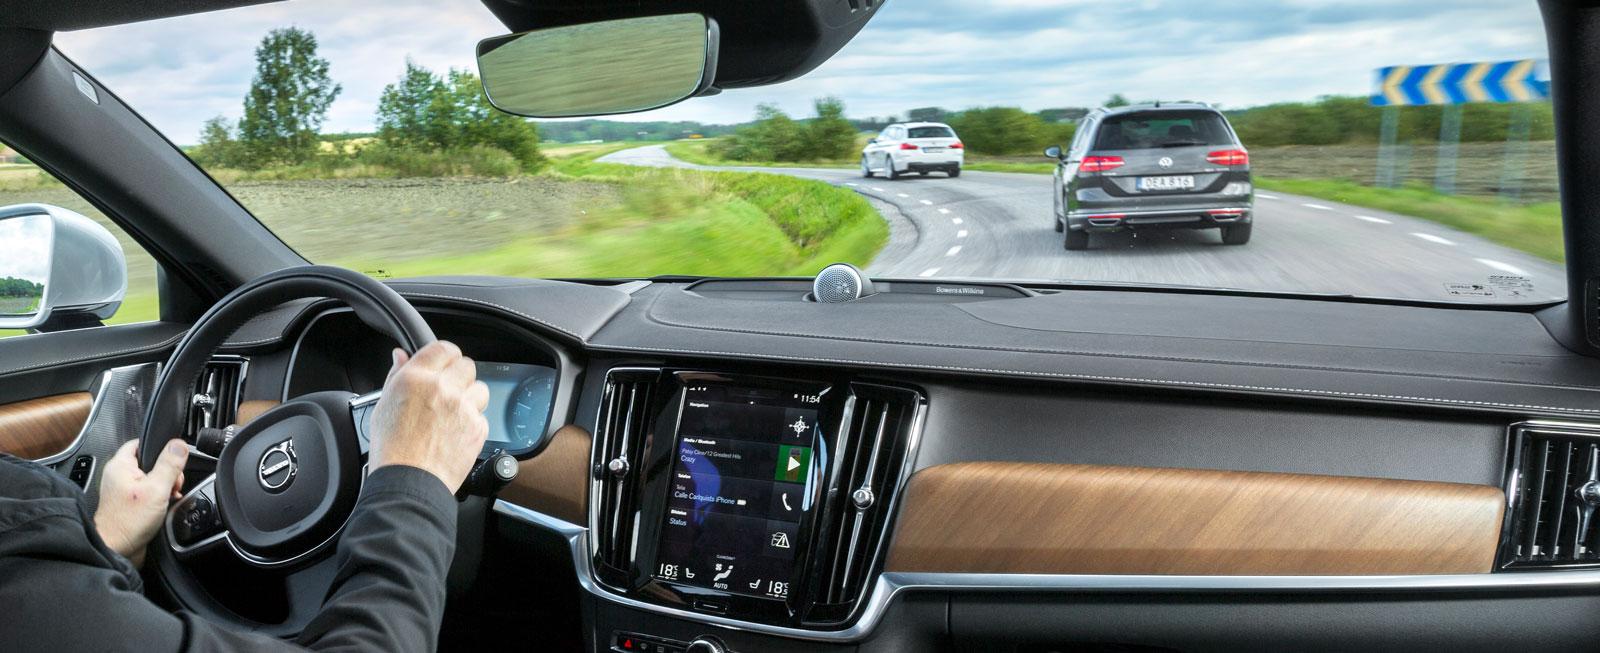 Volvos interiör håller en befriande egen stil och dessutom hög klass både funktionellt och estetiskt.